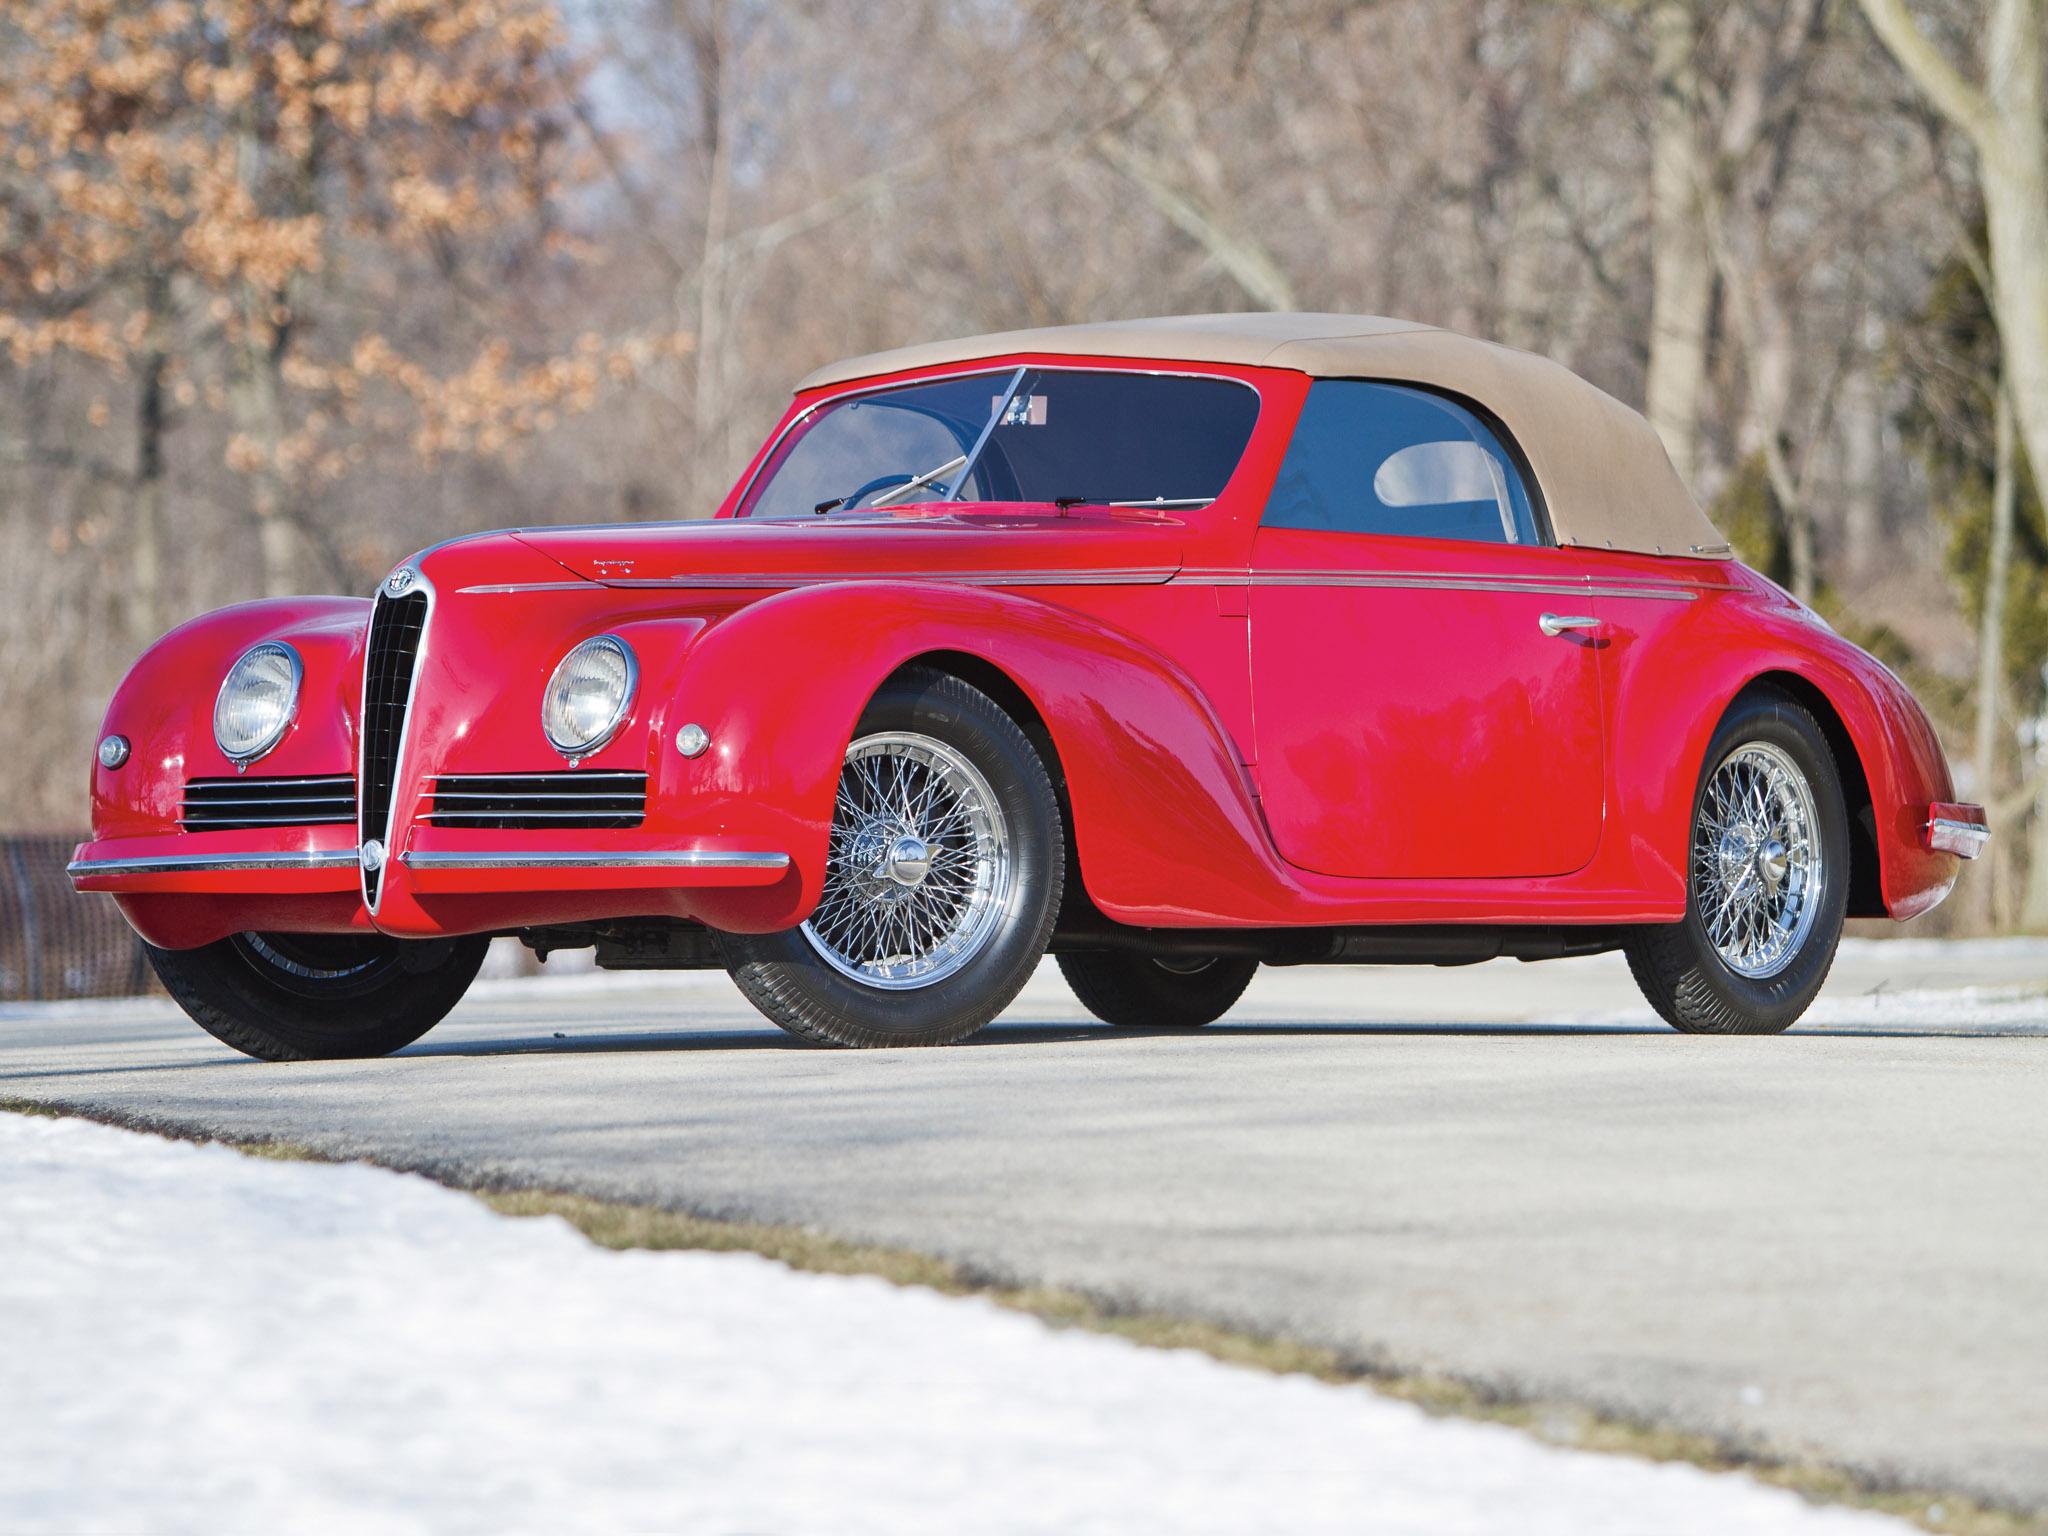 alfa romeo 6c 2500 sport cabriolet 1942 alfa romeo 6c 2500. Black Bedroom Furniture Sets. Home Design Ideas